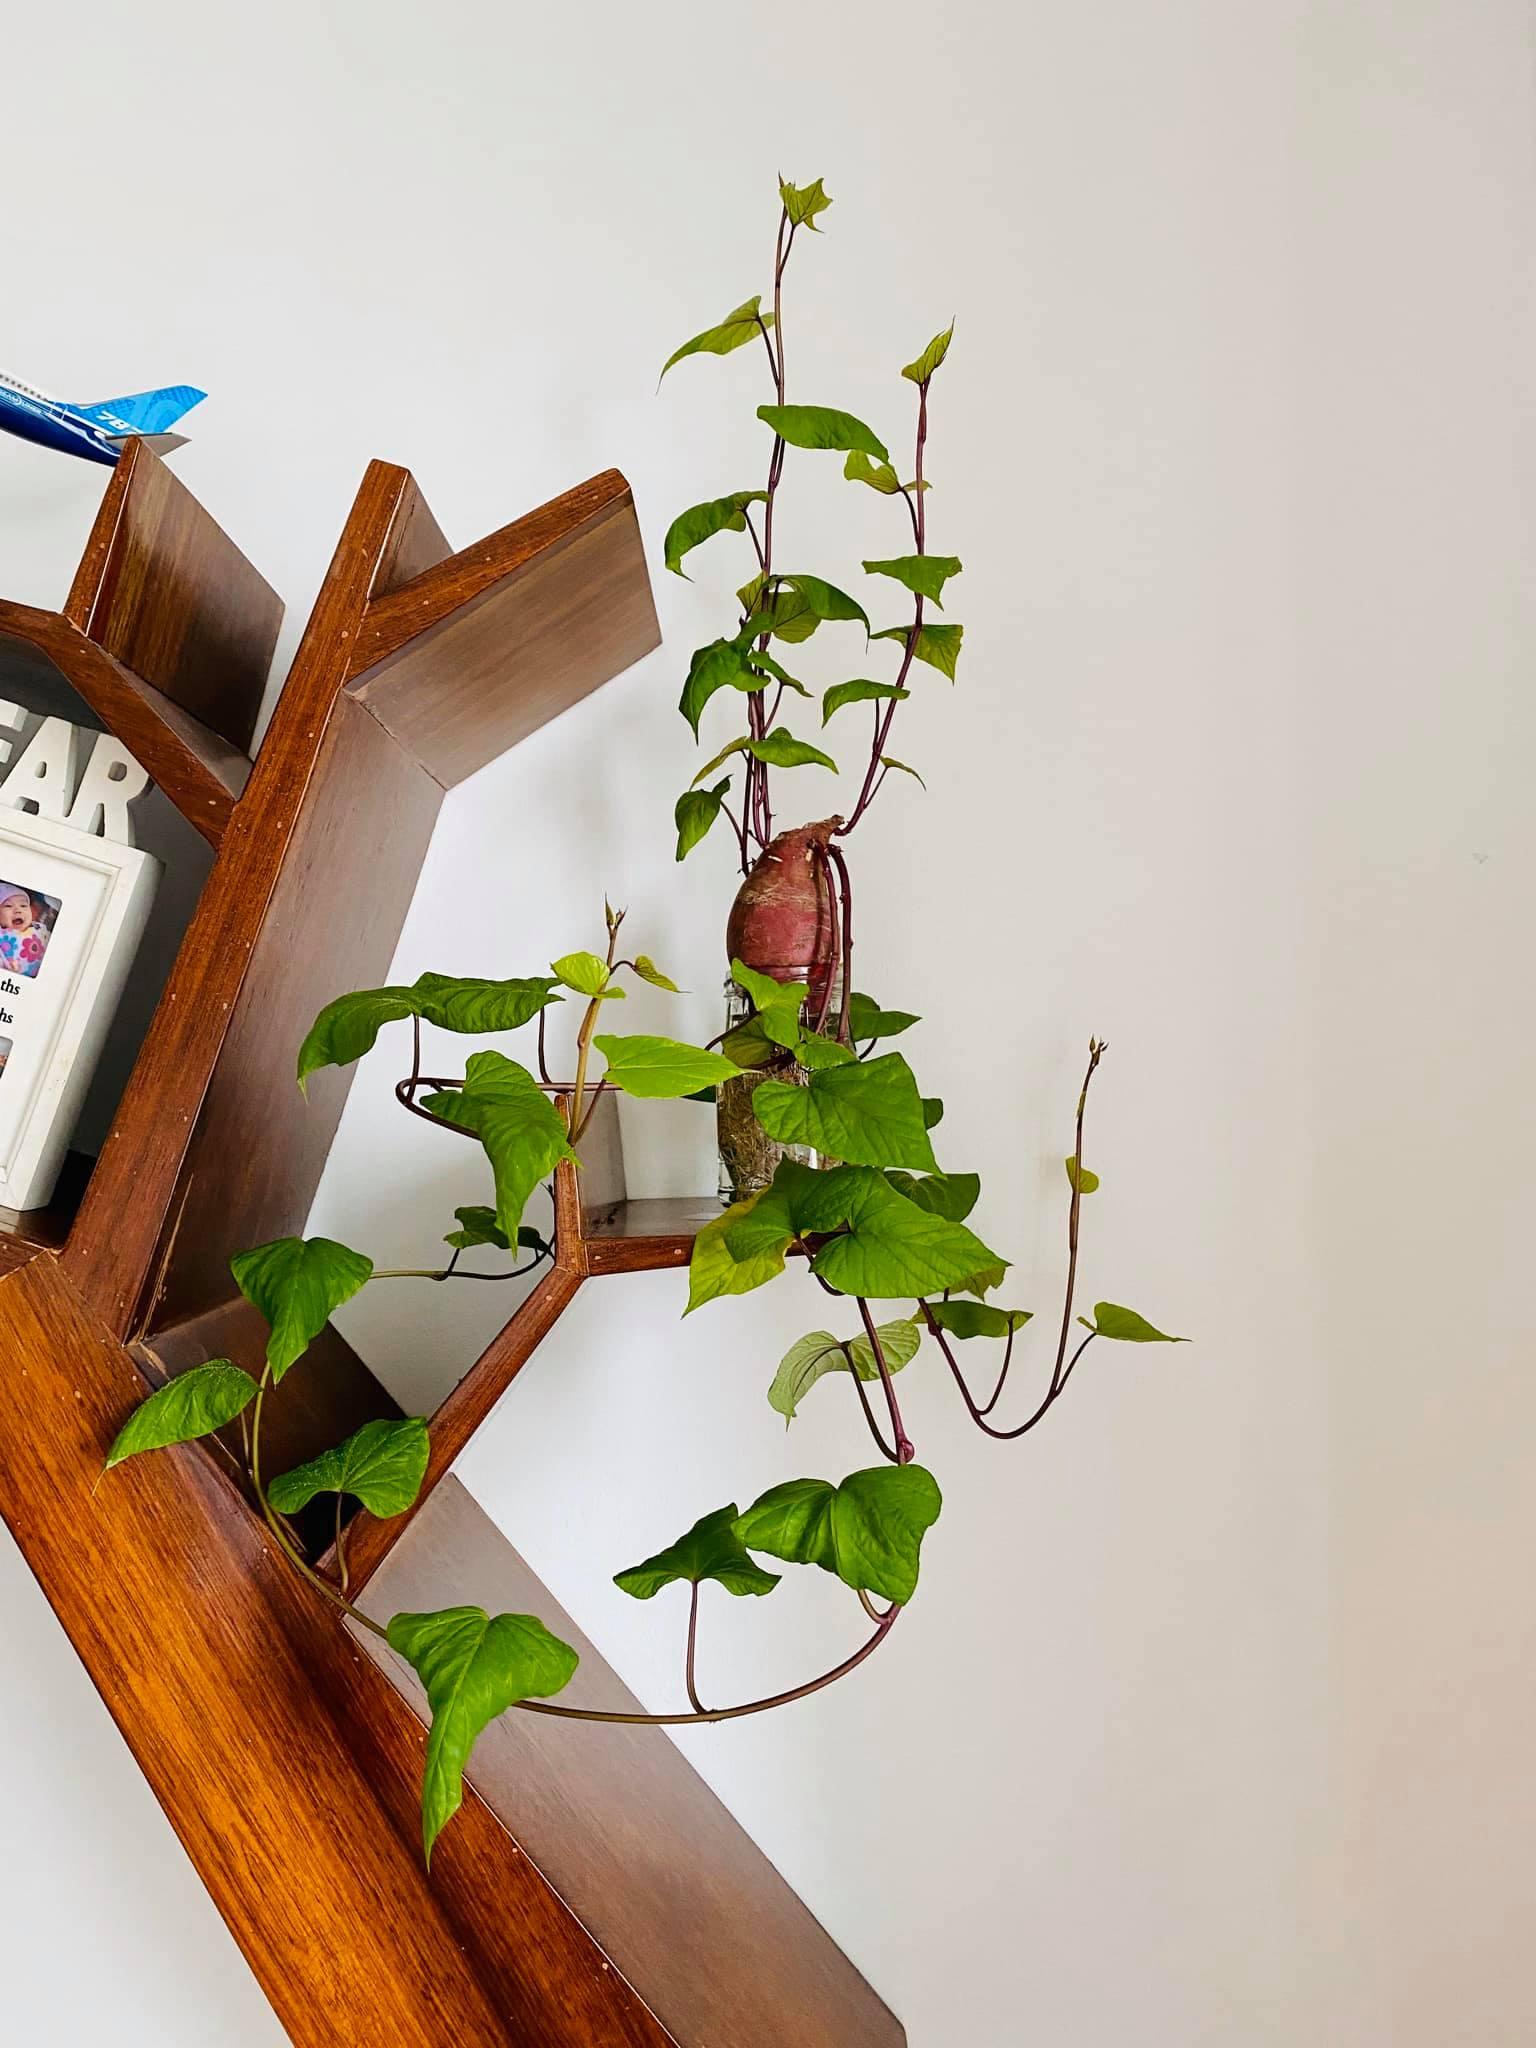 Trồng khoai lang bonsai làm đẹp nhà với các bước dễ vô cùng mà nói ra ai cũng sẽ làm được - Ảnh 2.